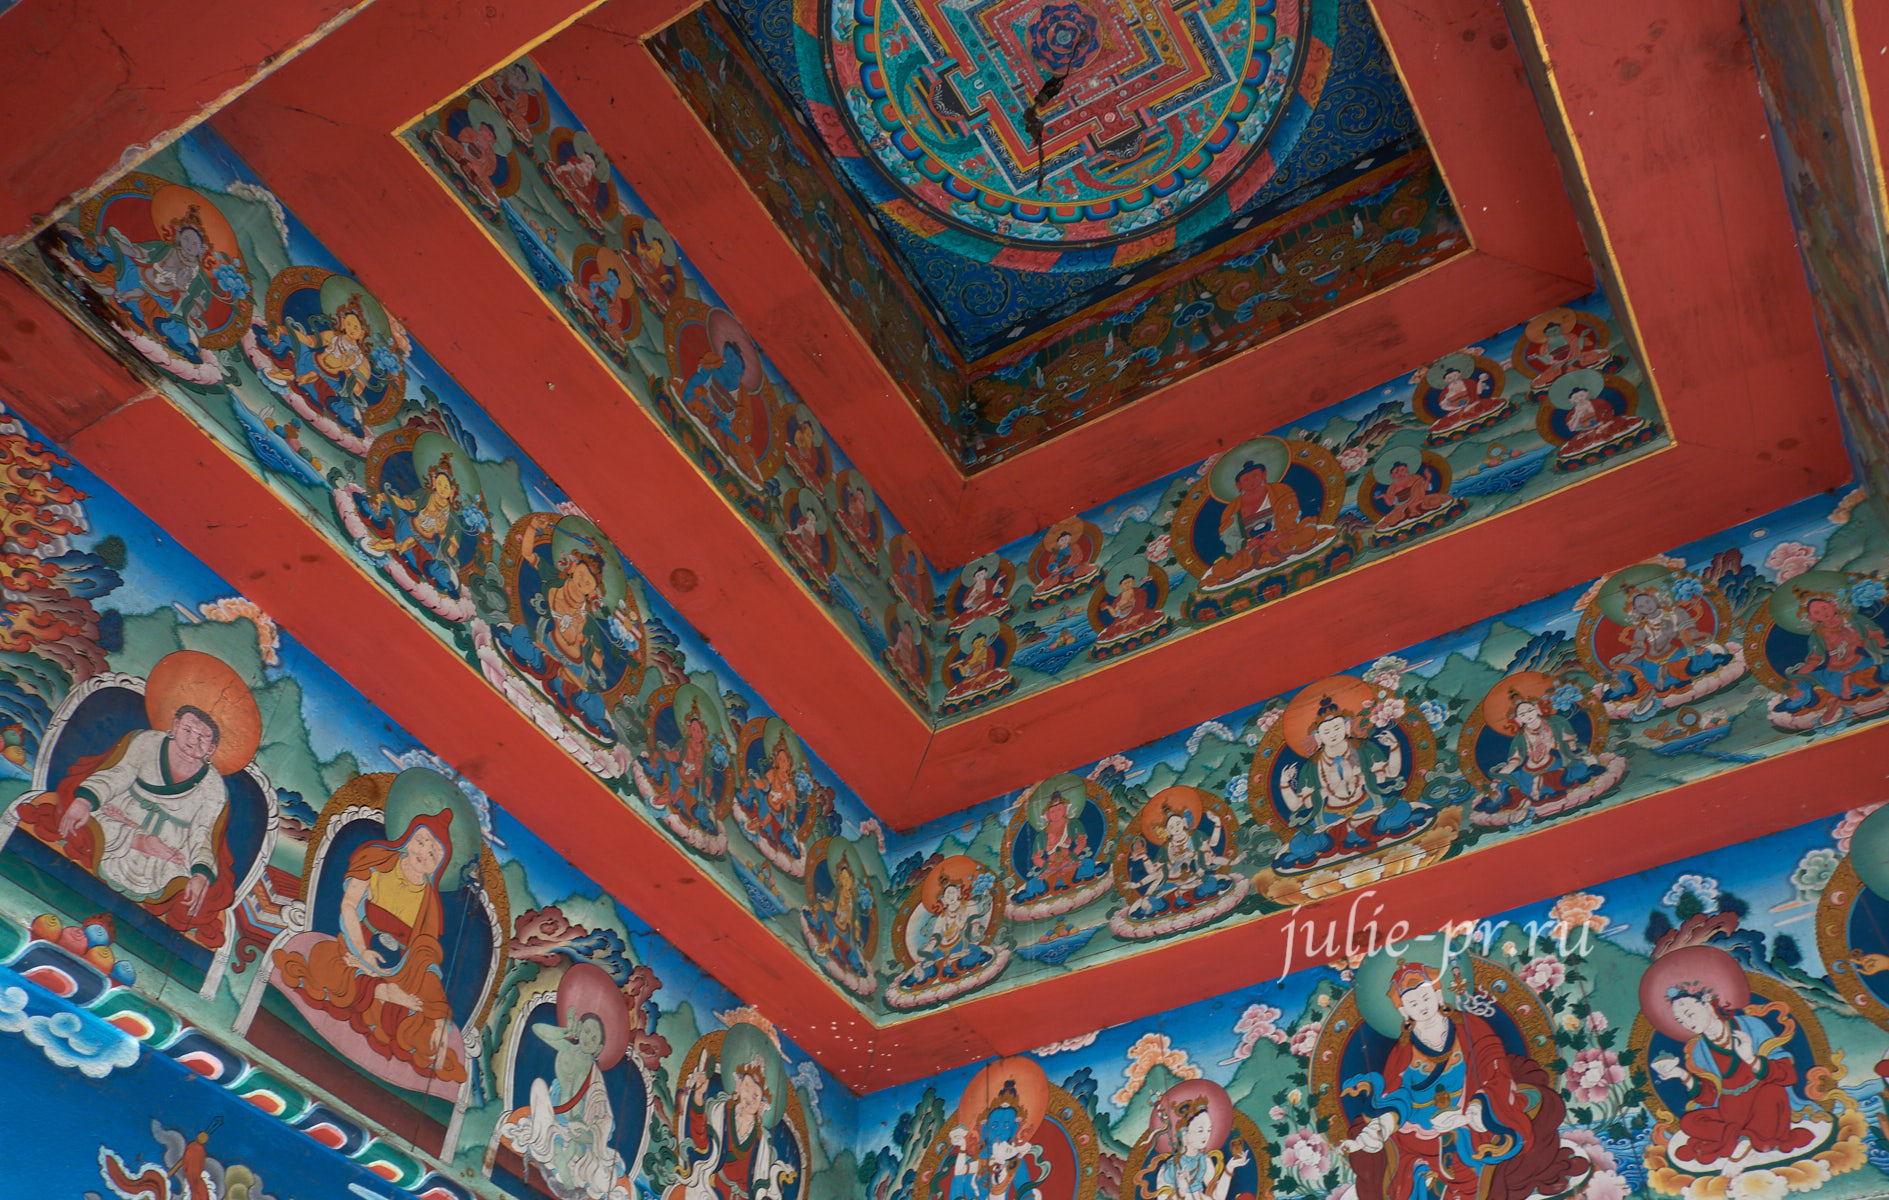 Непал, Трек вокруг Аннапурны, Ворота Чаме, Буддизм